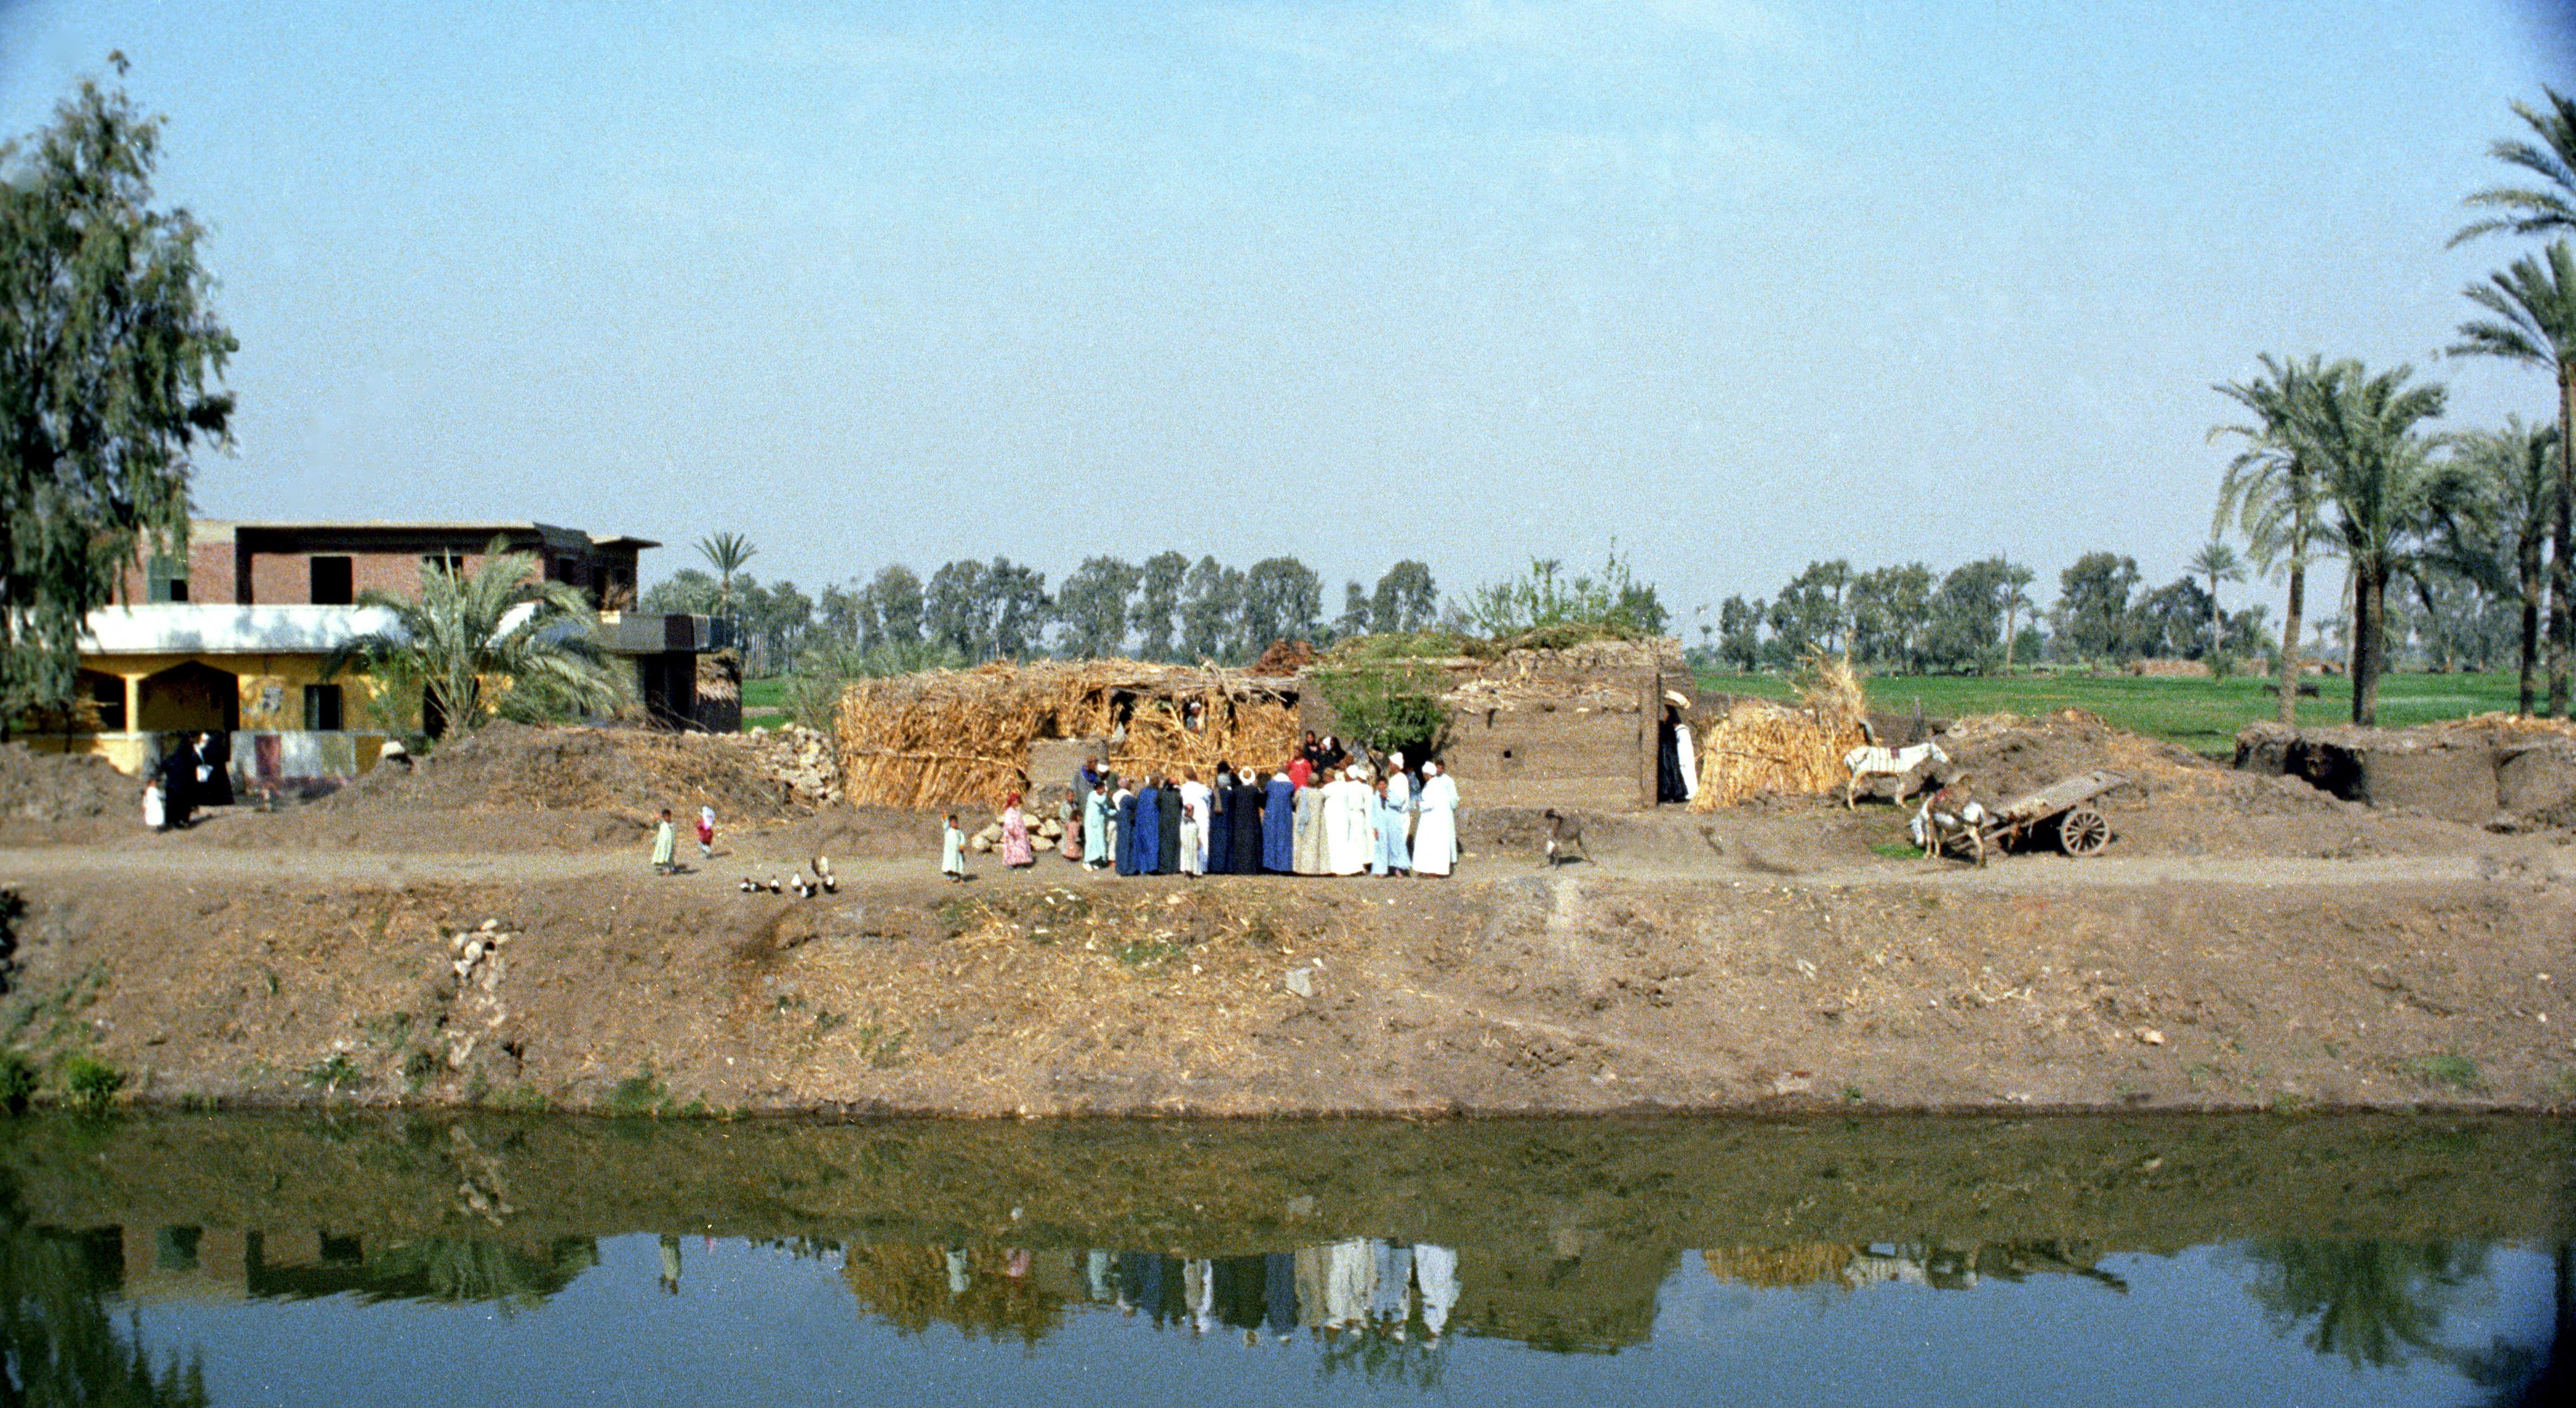 Etiopía pide a Egipto que «contenga su inaceptable conducta» sobre el Nilo